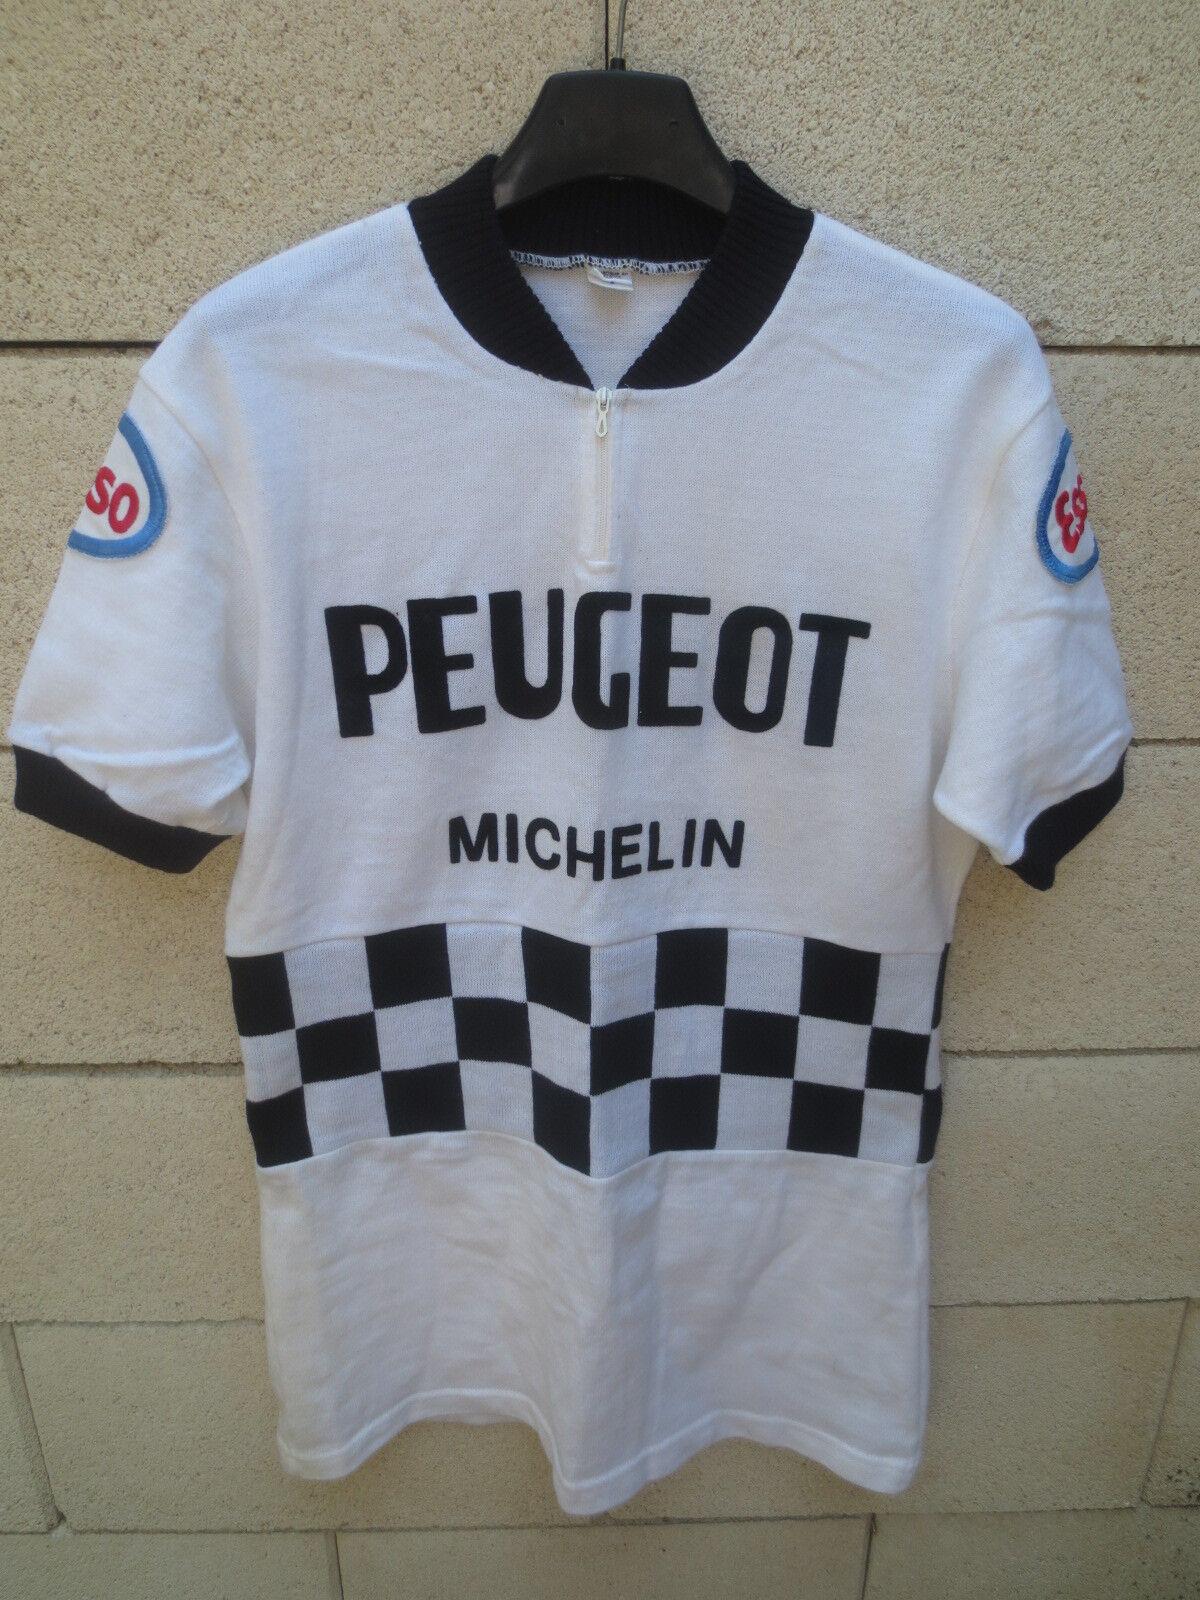 Maillot cycliste PEUGEOT MICHELIN ESSO Tour France 1981 shirt trikot vintage 4